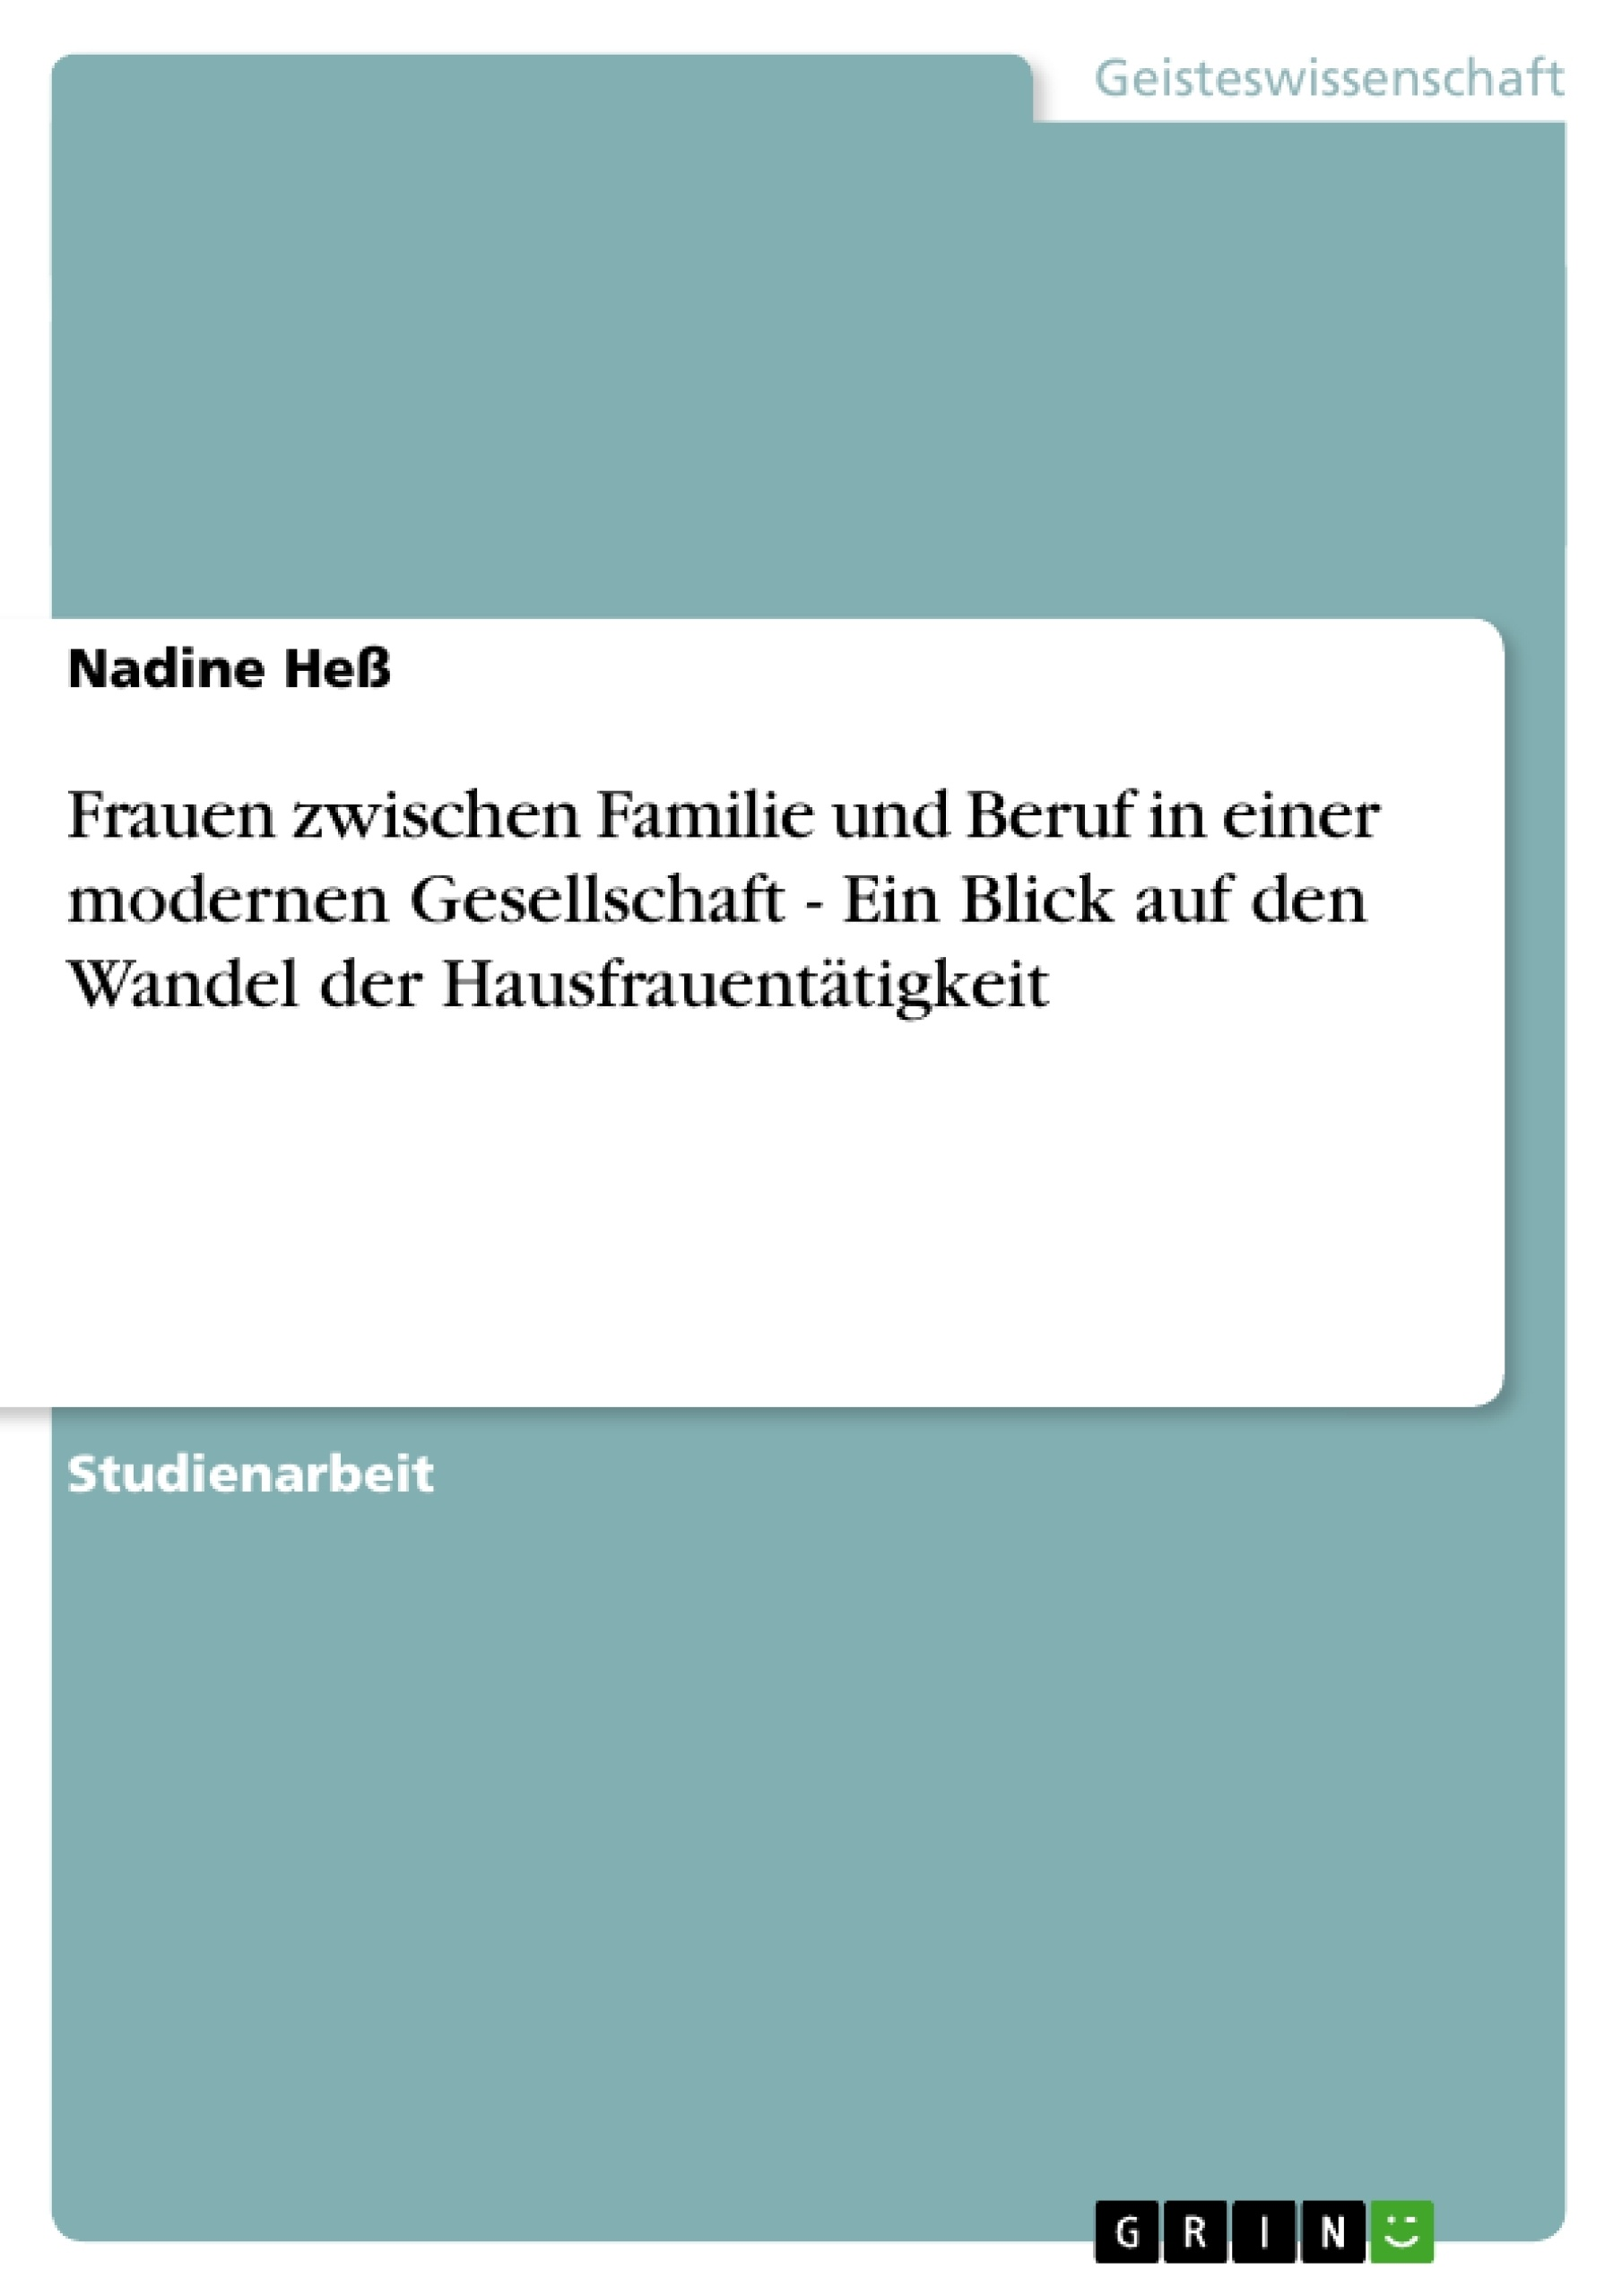 Titel: Frauen zwischen Familie und Beruf in einer modernen Gesellschaft - Ein Blick auf den Wandel der Hausfrauentätigkeit